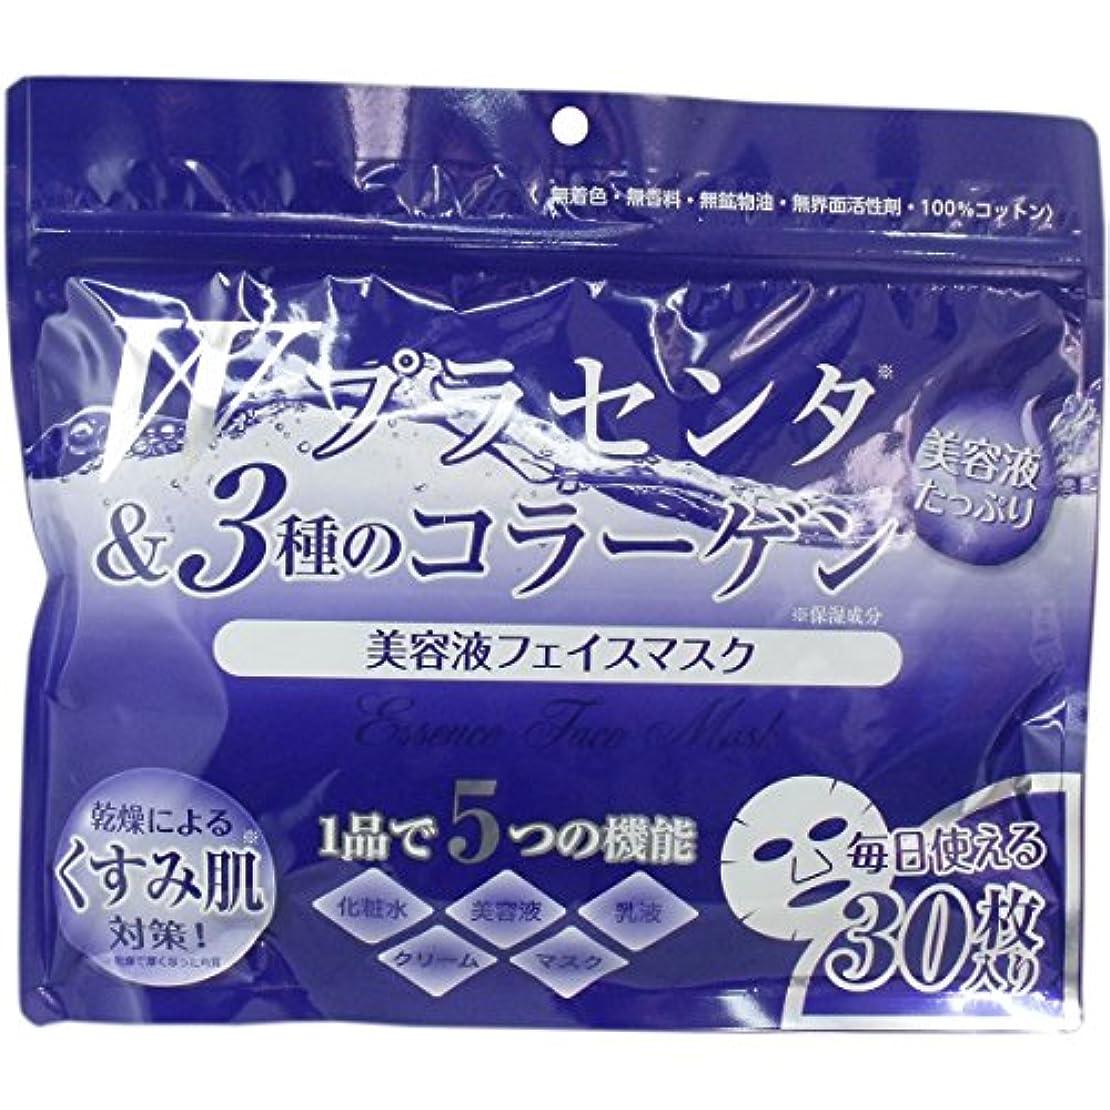 脅威固めるバタフライオールインワン 美容液フェイスマスク Wプラセンタ&3種のコラーゲン 30枚入